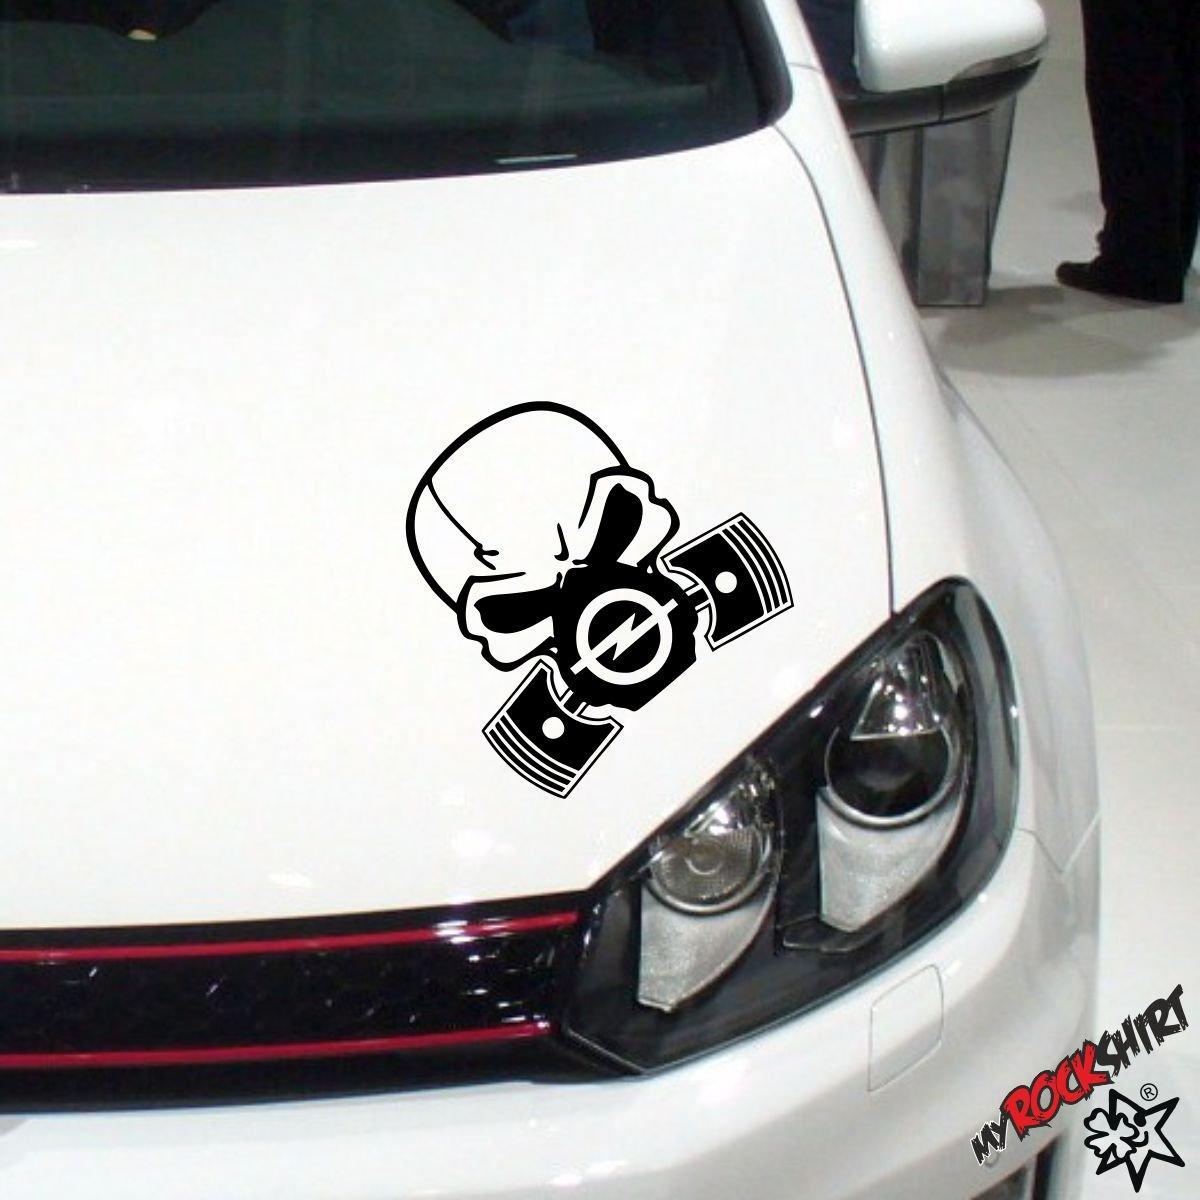 Totenkopf Opel Zylinder skull 20cm+ Bonus Testaufkleber Estrellina-Gl/ückstern /® gedruckte Montageanleitung von myrockshirt in einem stabilen Versandkarton,waschanlagenfest,Pro Versand erfolgt aus Deutschland innerhalb von maximal 48 Stunden